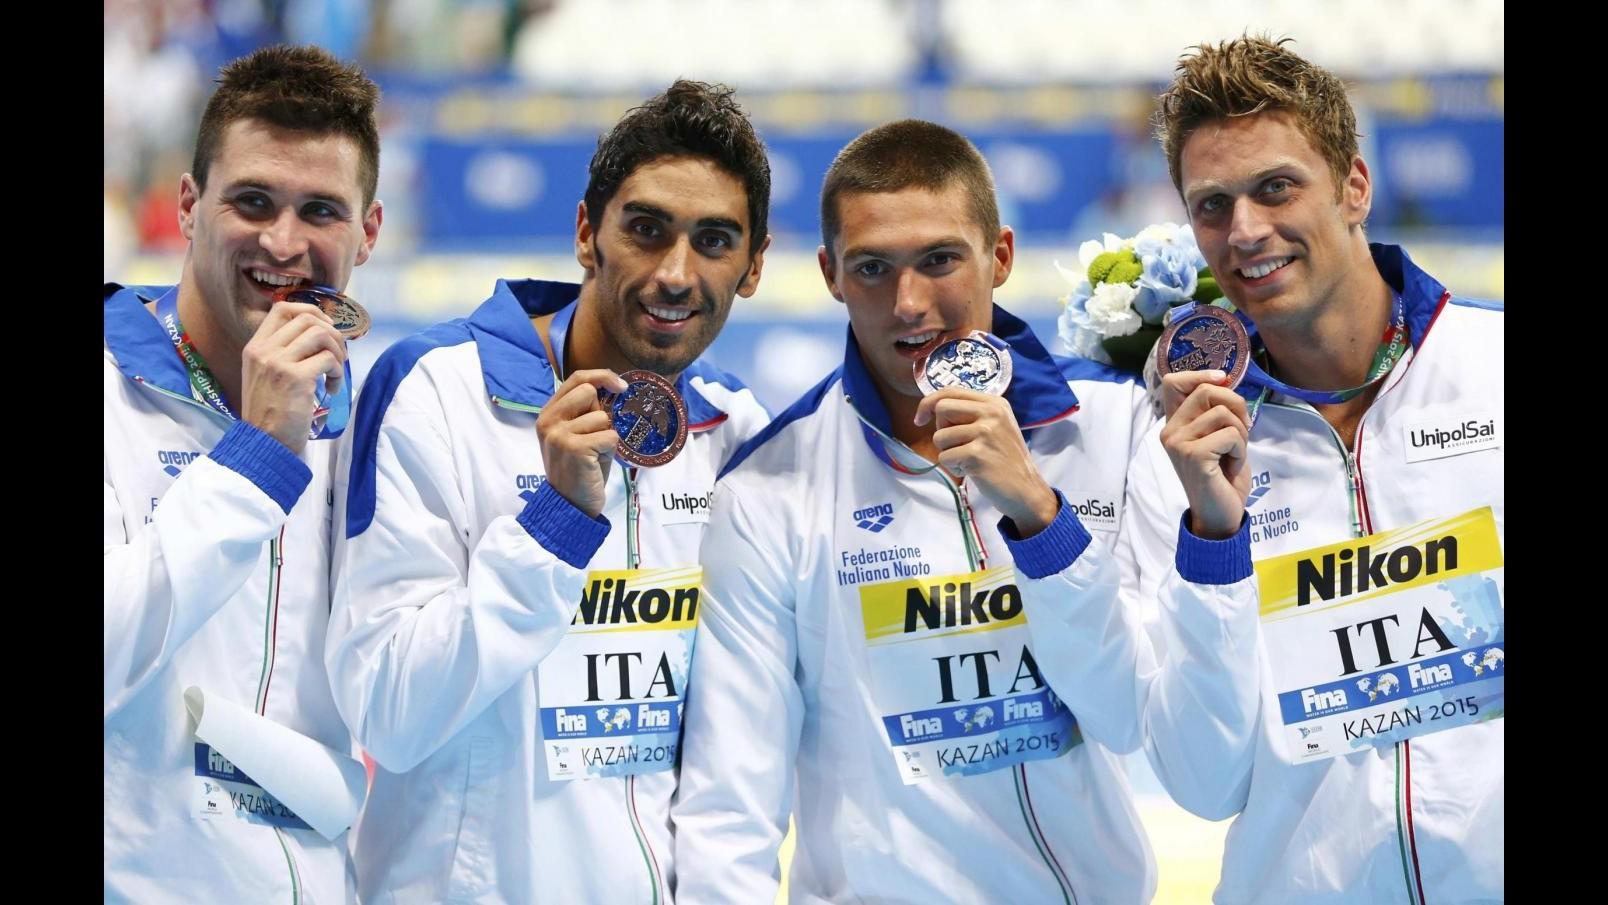 Nuoto, Mondiali: semifinalisti Orsi, Rivolta e Codia, out Dotto